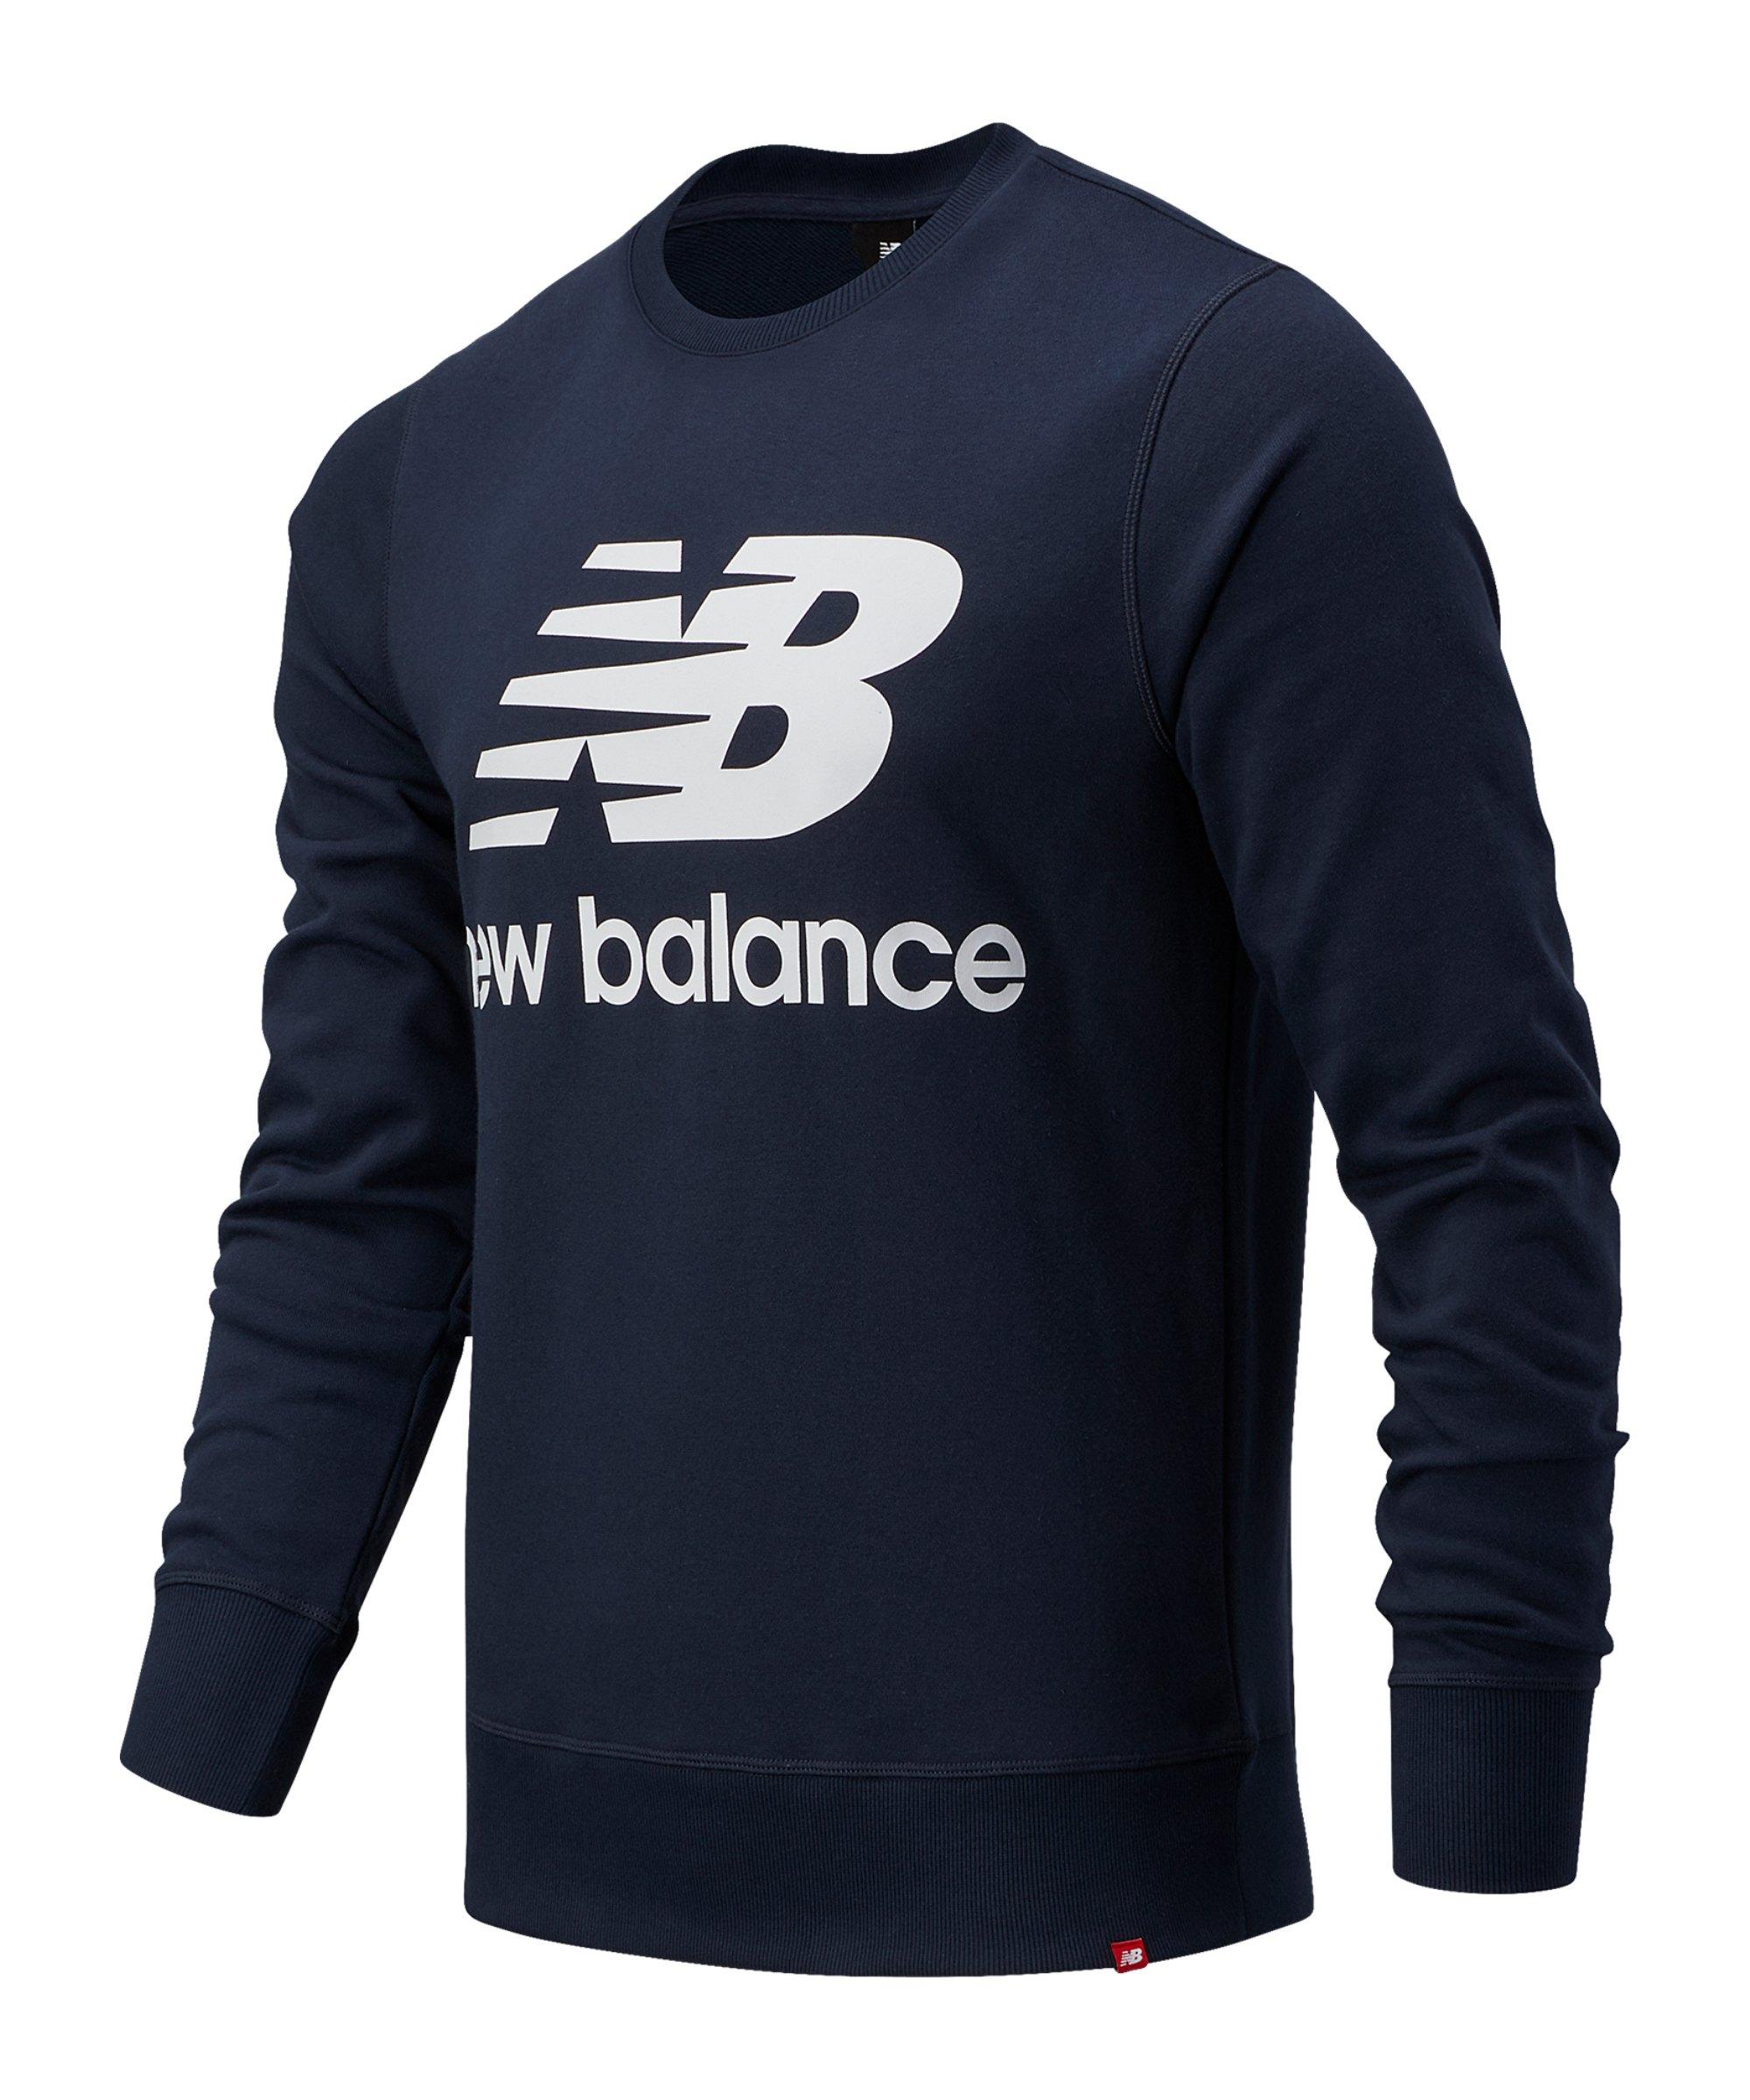 New Balance Essentials Logo Sweatshirt Blau FECL - blau